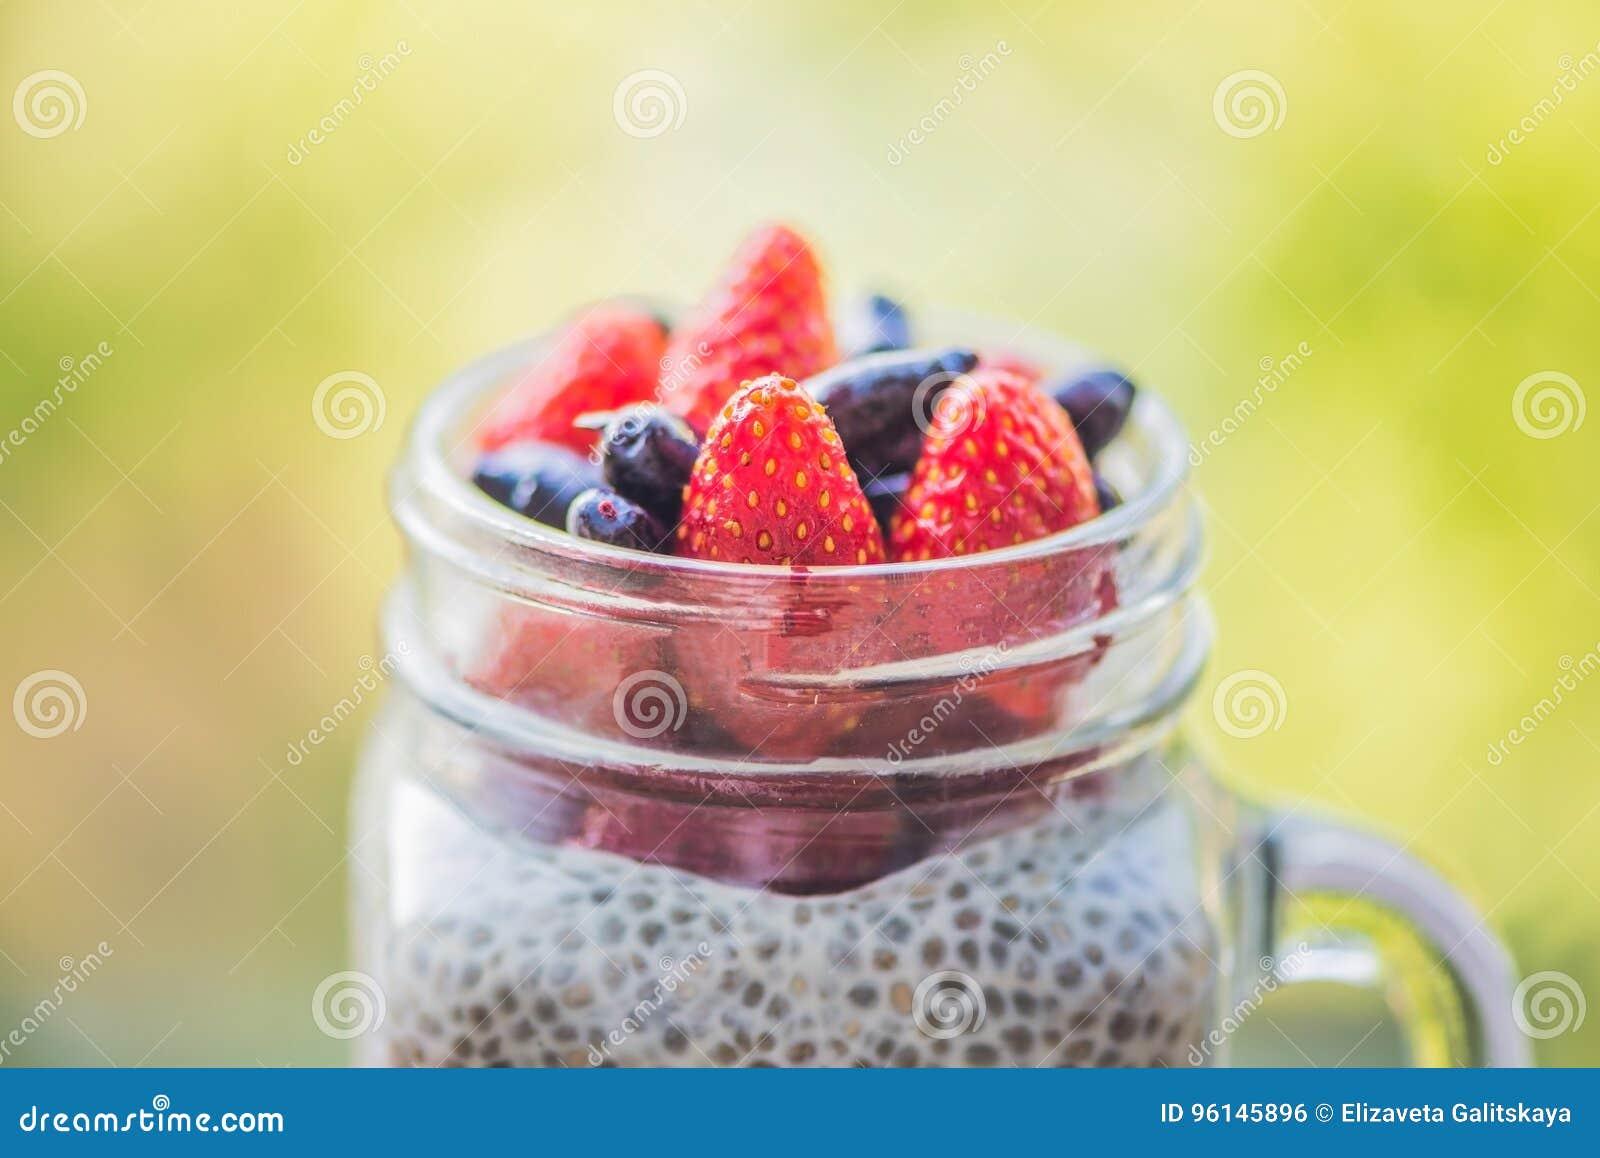 Gezond gelaagd dessert met chiapudding, aardbei en honing